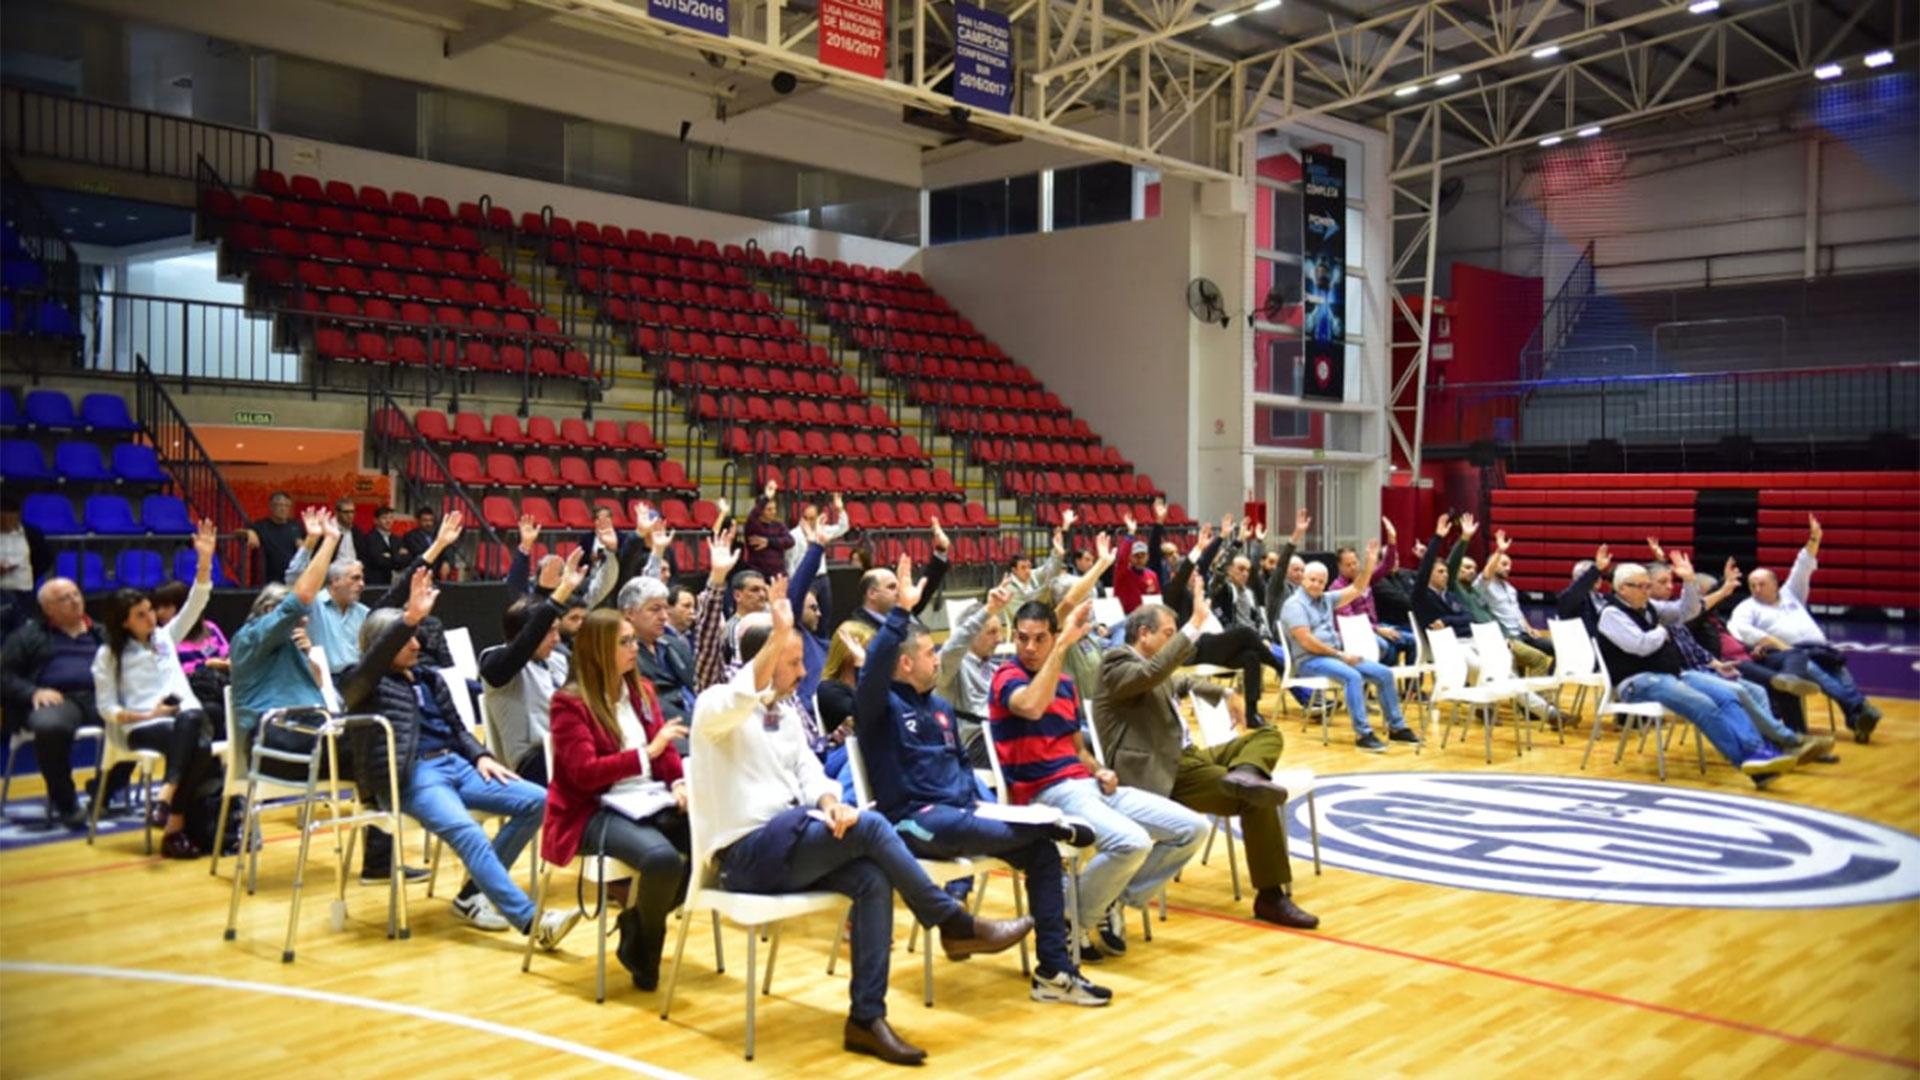 La Asamblea, desarrollada en el polideportivo Roberto Pando